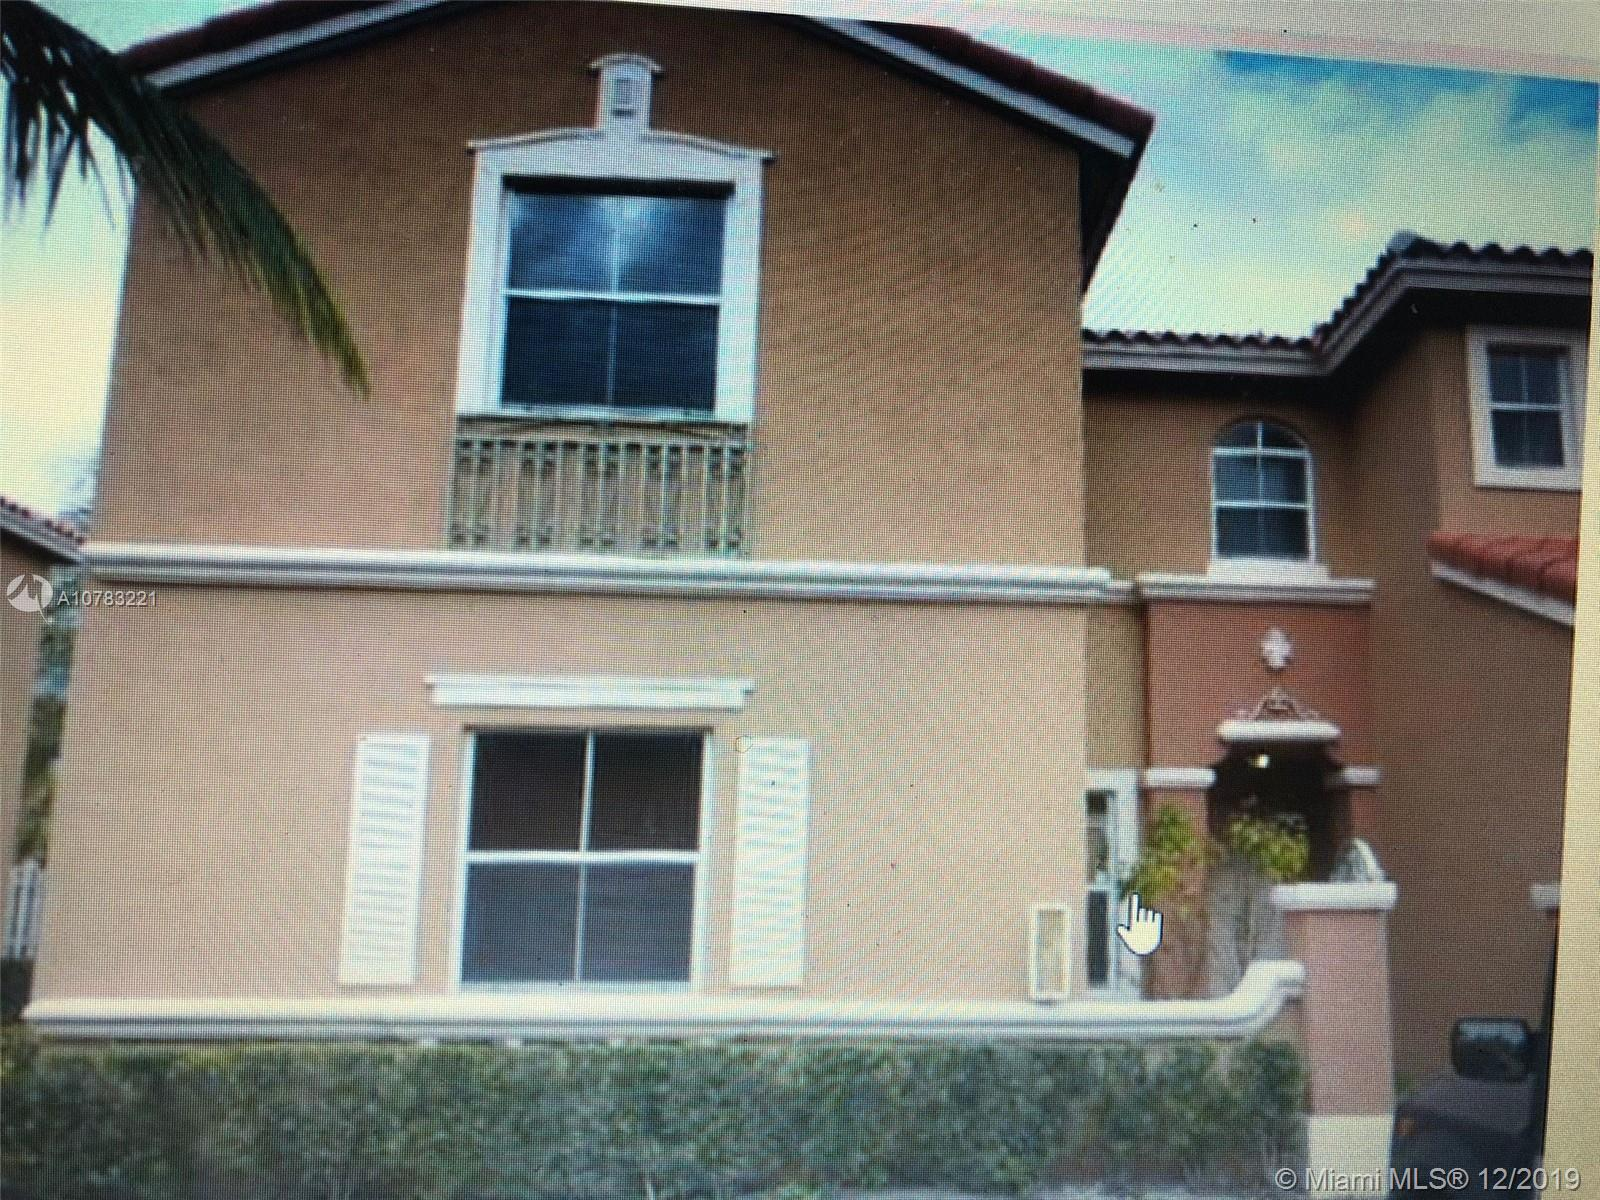 8451 NW 138th St Unit 2301, Miami Lakes, Florida 33016